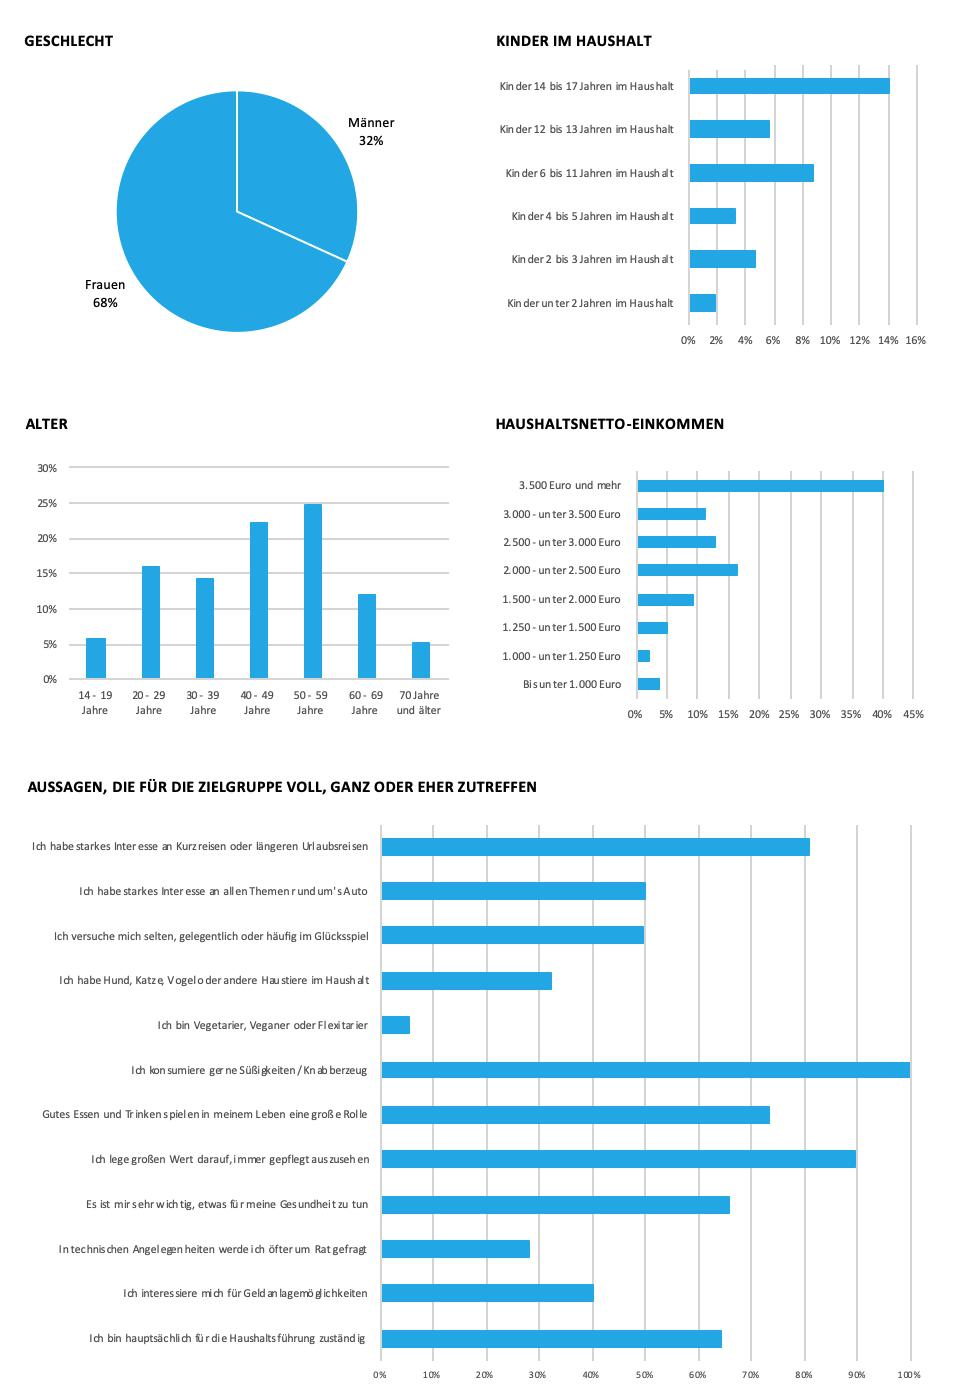 Grafik zu soziodemografischen Daten DOUGLAS